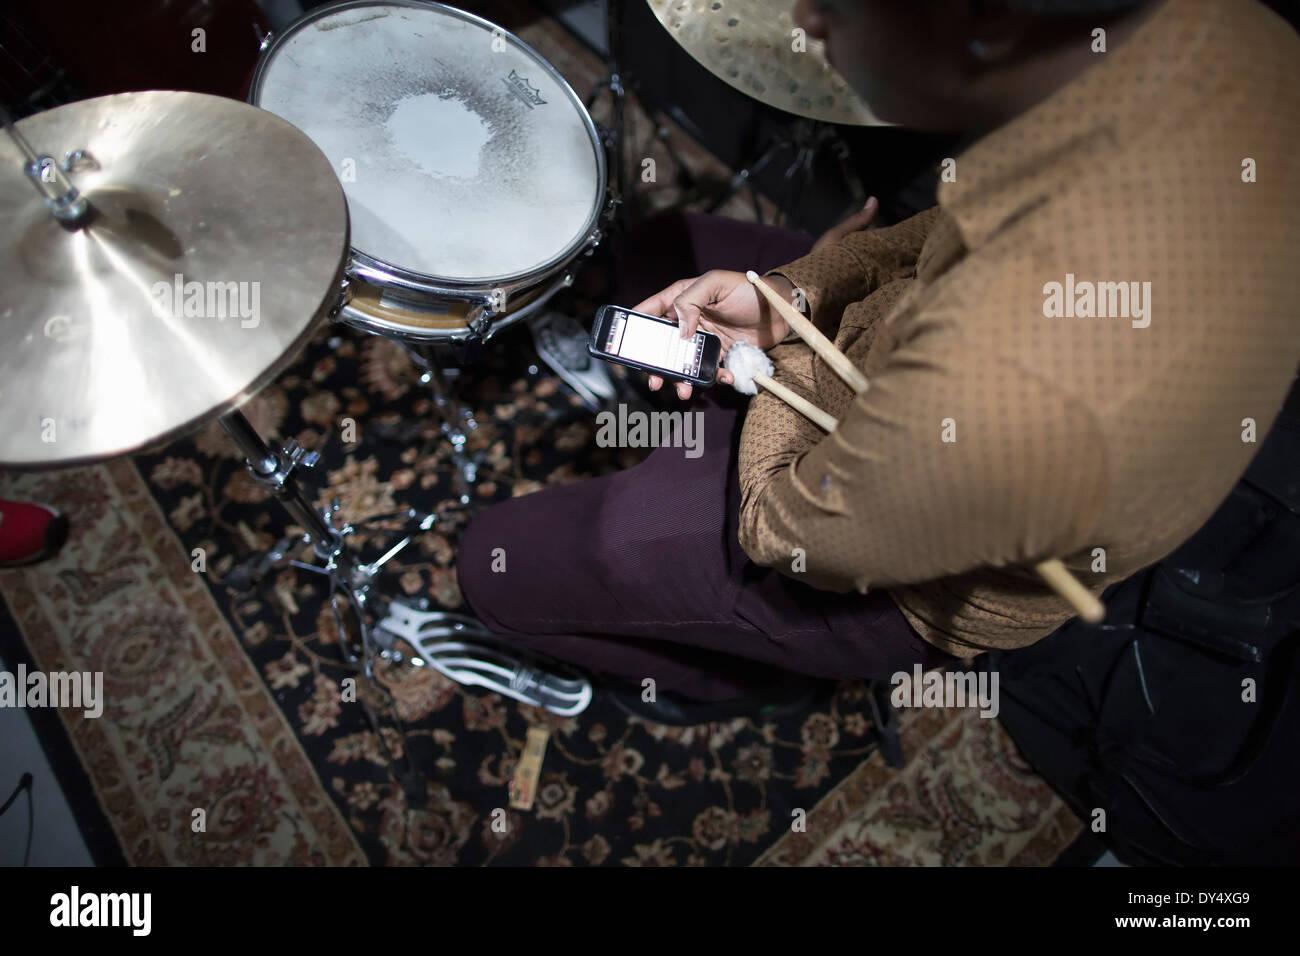 El baterista sentado en drum kit, utilizando teléfonos inteligentes. Imagen De Stock